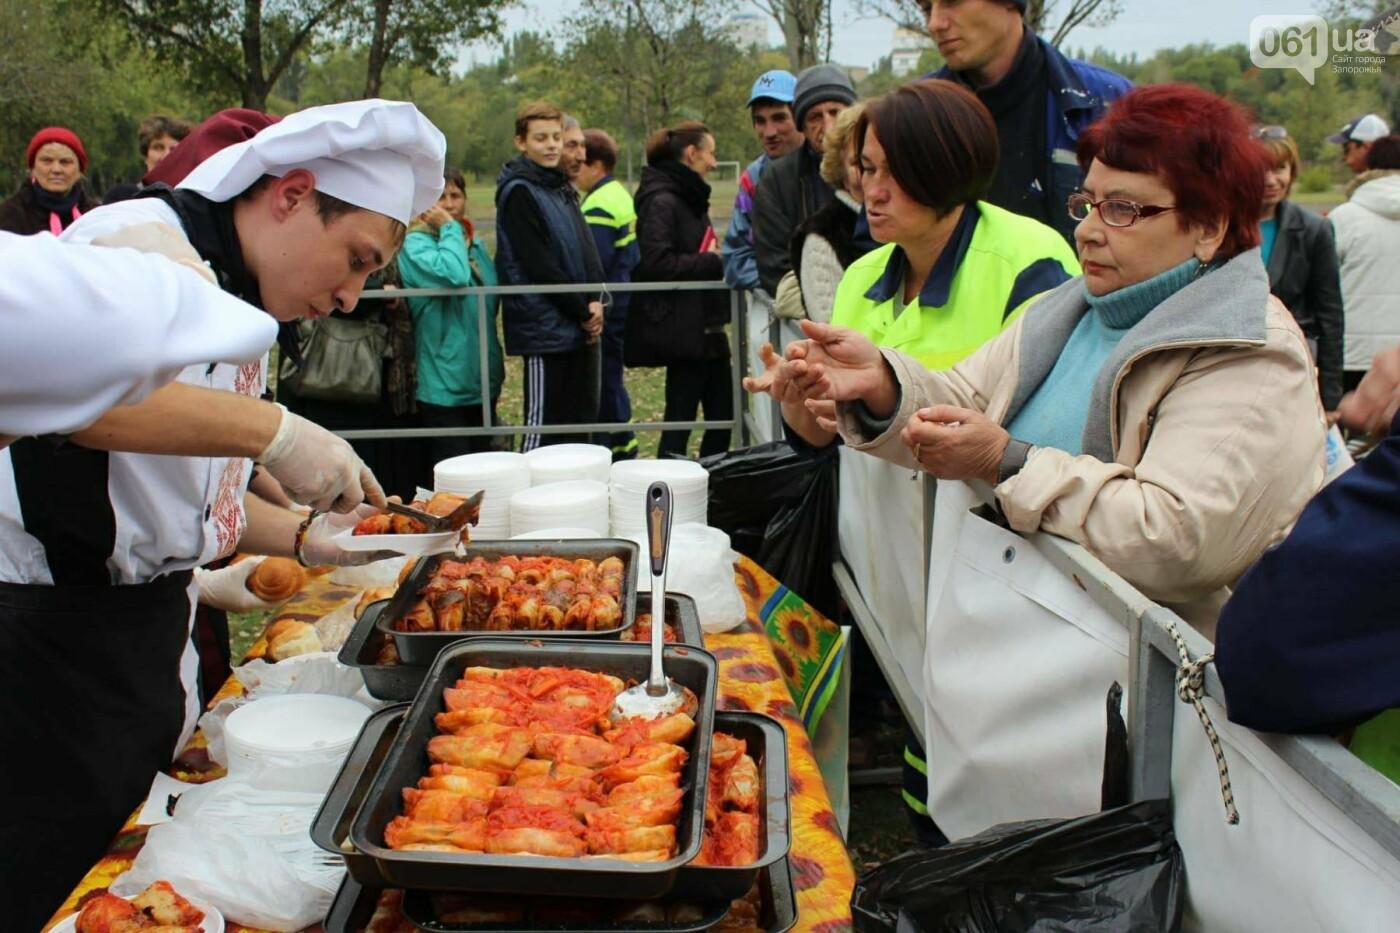 В Запорожье на ярмарке под баян начали раздавать голубцы: пока без драк, - ФОТОРЕПОРТАЖ, фото-5